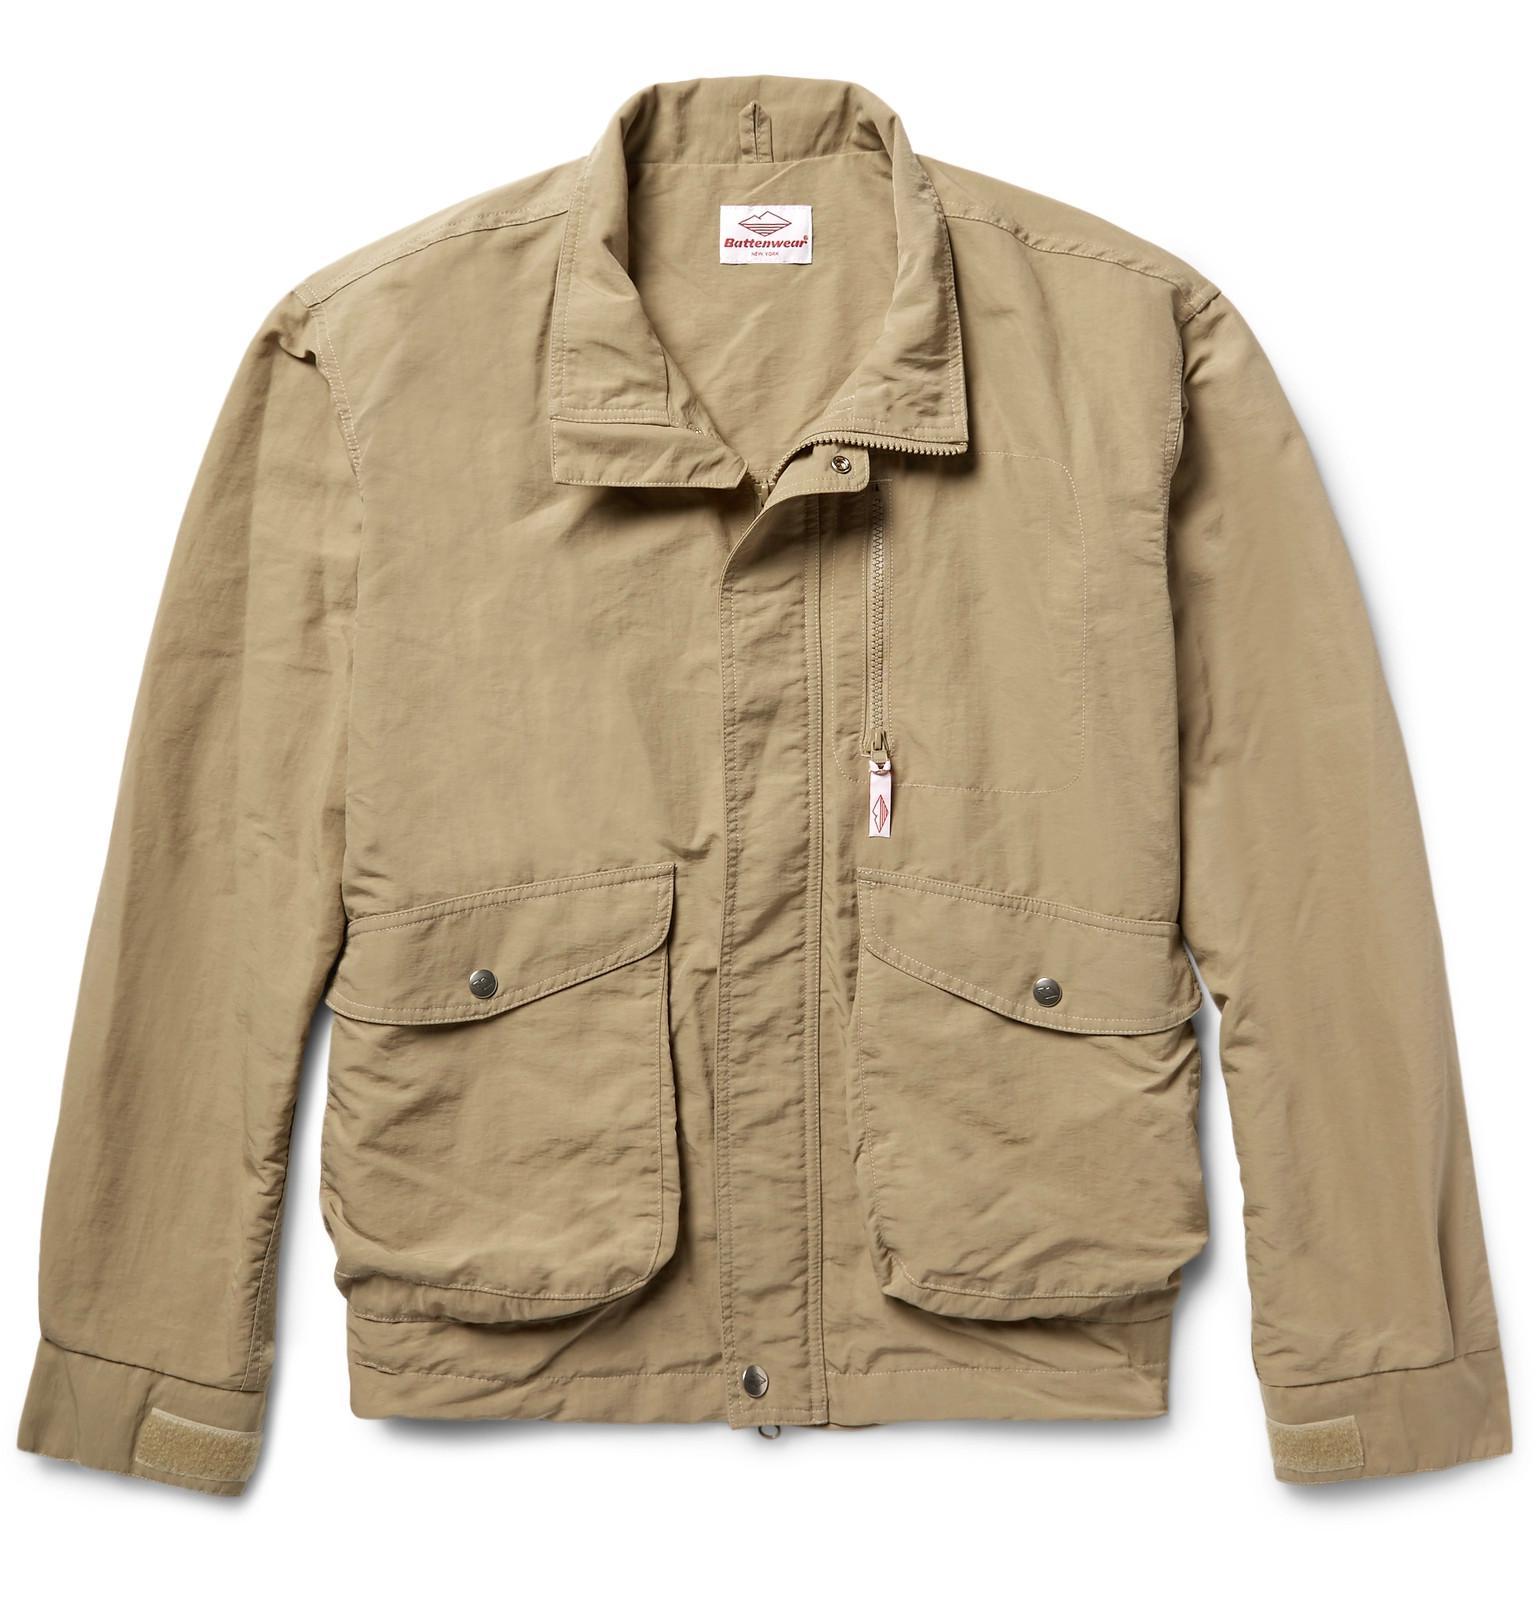 e6e46850b1dd Lyst - Battenwear Weekend Shell Jacket in Natural for Men